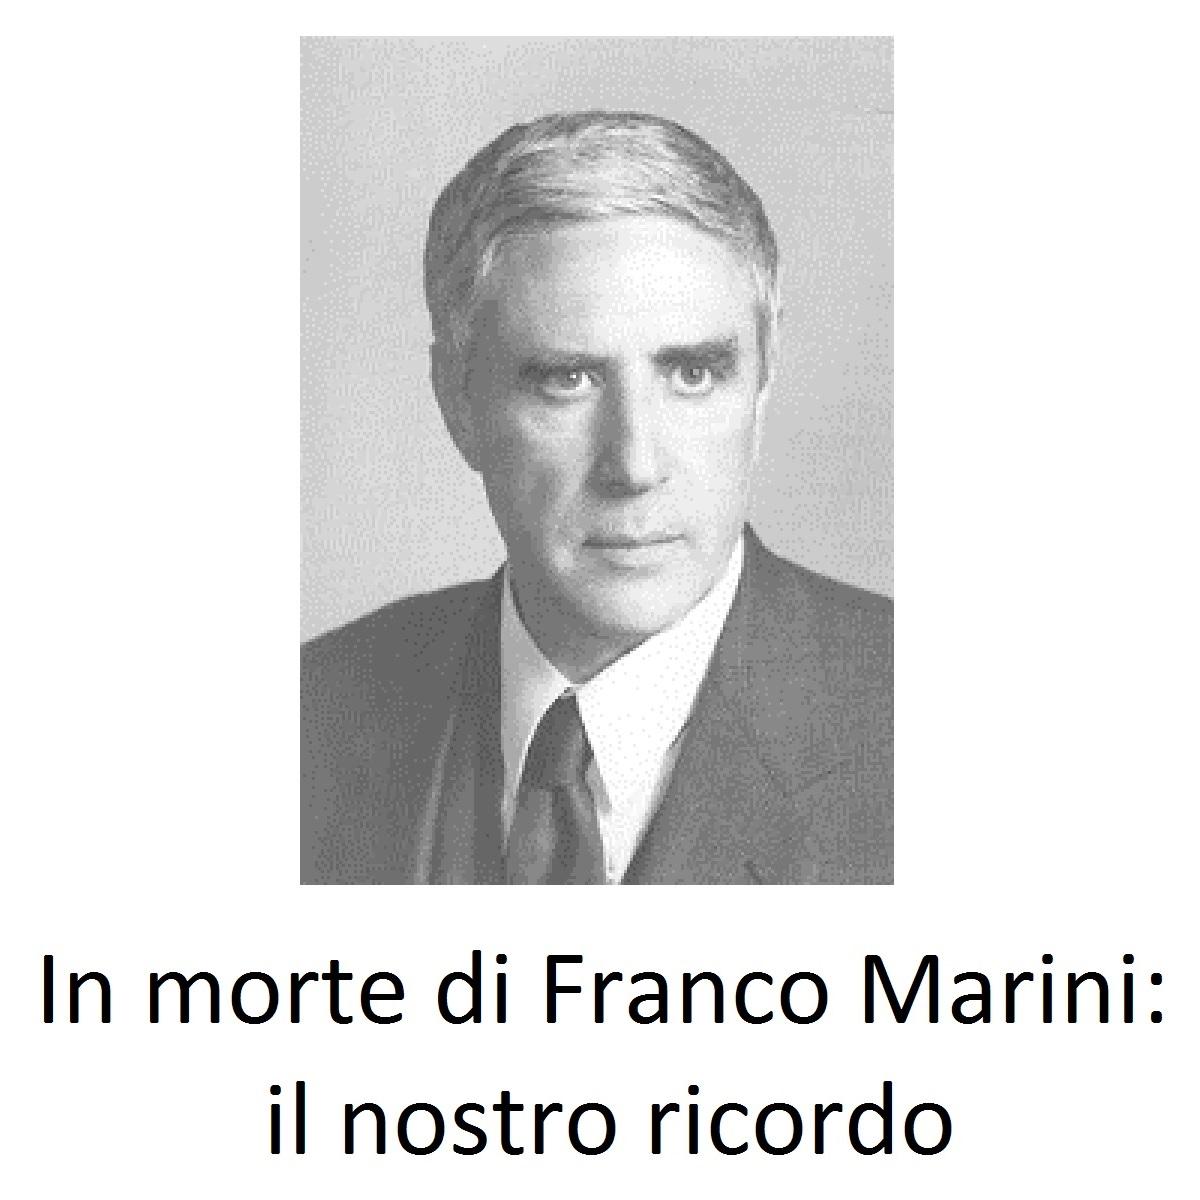 In morte di Franco Marini il nostro ricordo foto